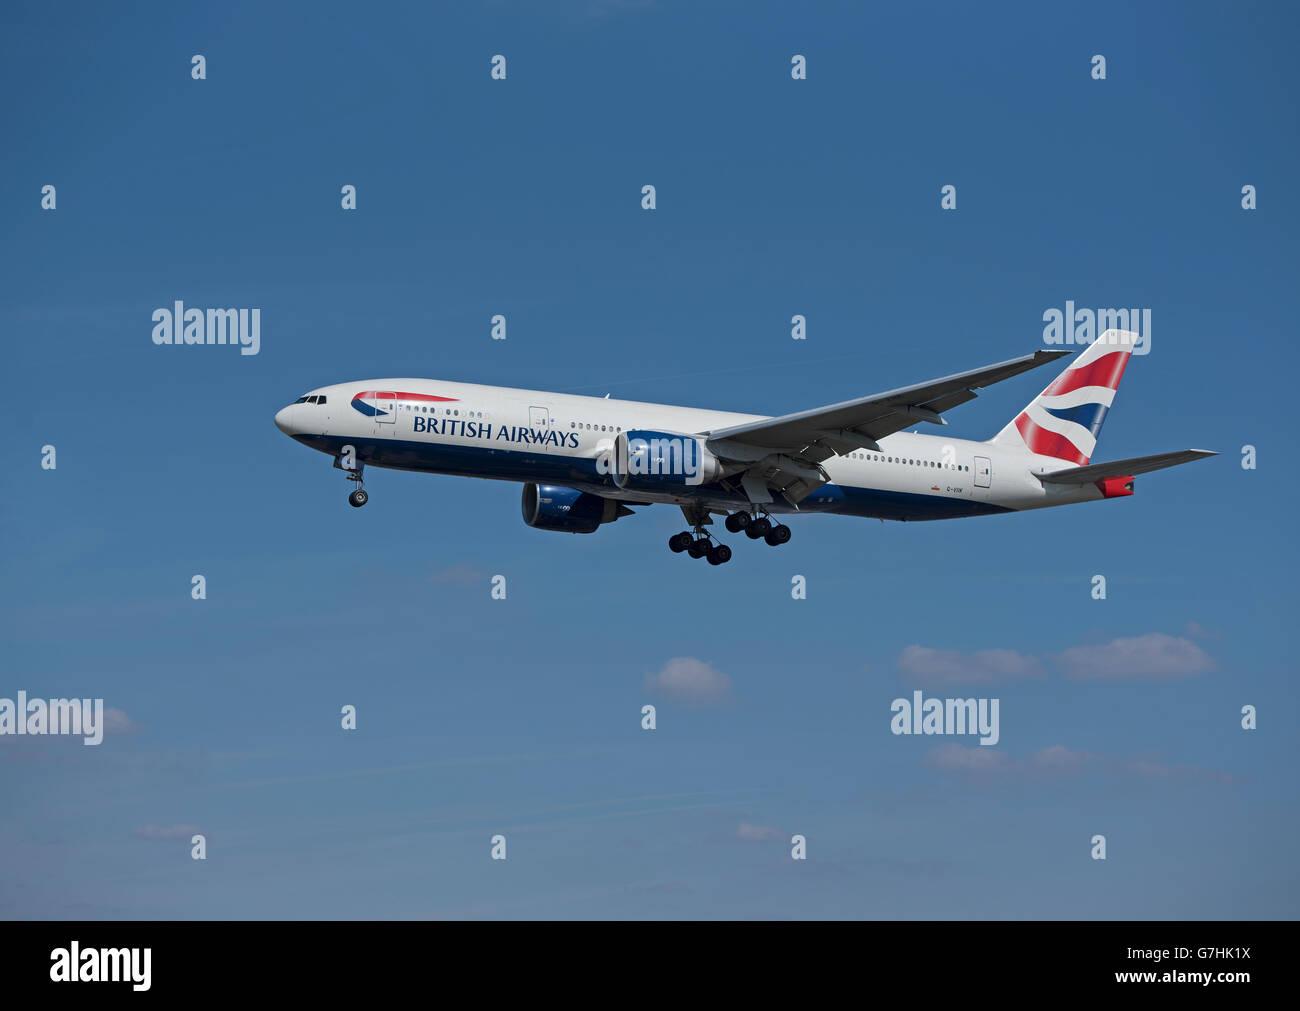 Boeing 777-236 of British Airways Fleet Serial Reg' G-VIIK arriving at London Heathrow Airport.  SCO 10,398. - Stock Image